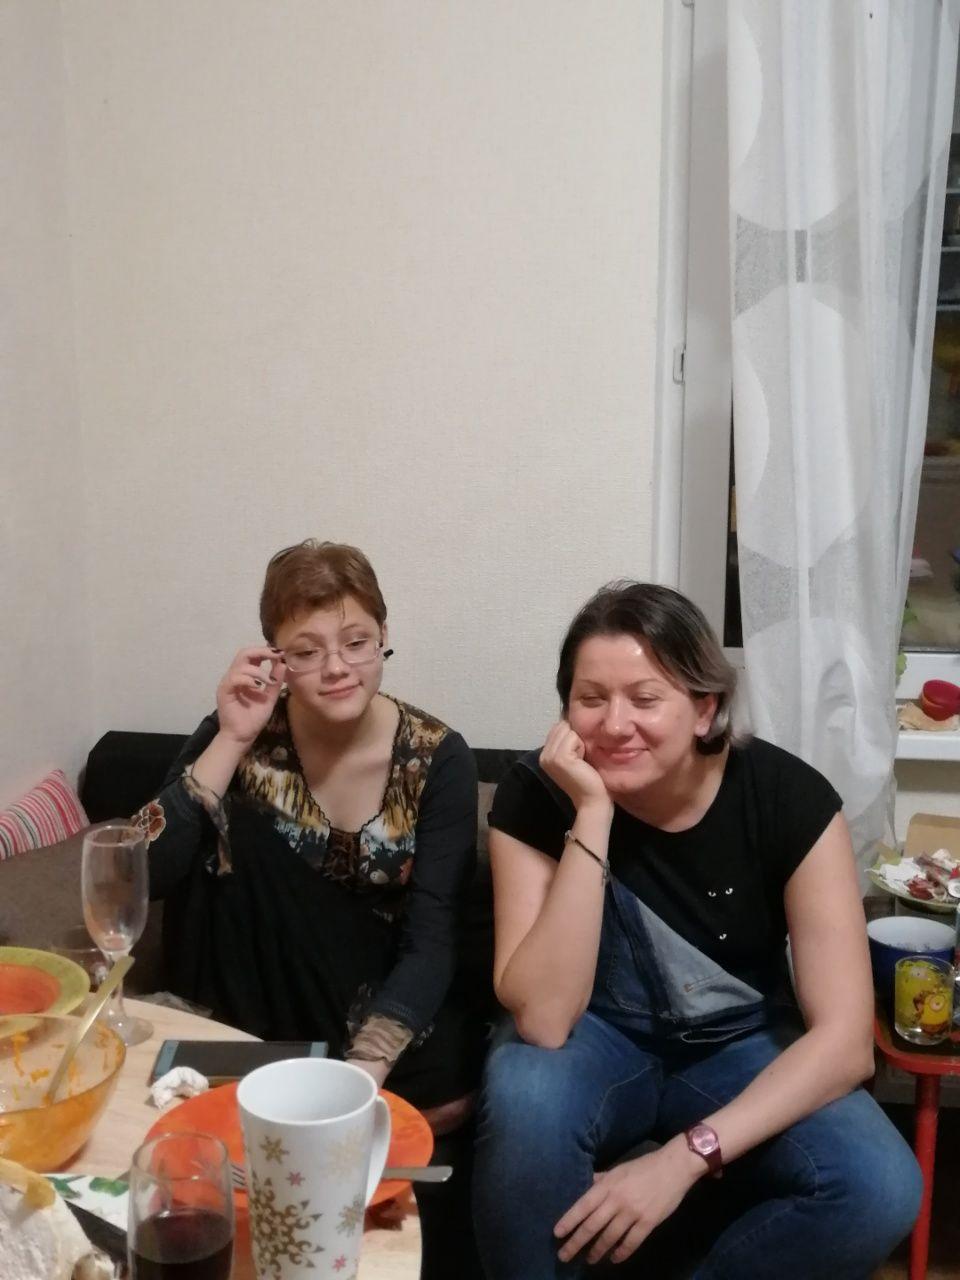 Мой день рождения с эльфами в северной столице, Санкт-Петербург, фото 40